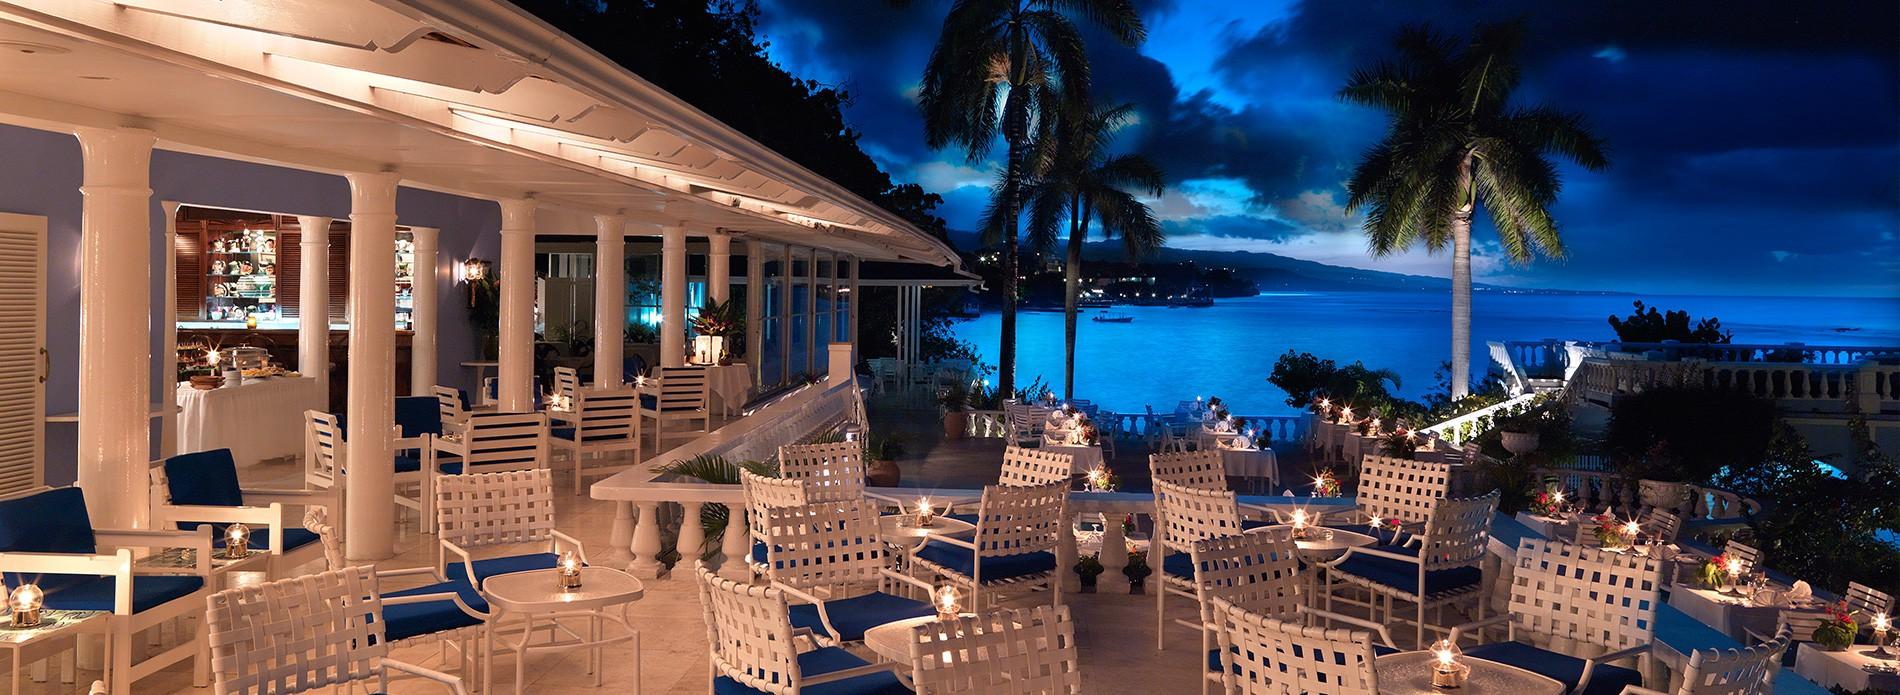 cocktail-terrace-jamaica-inn